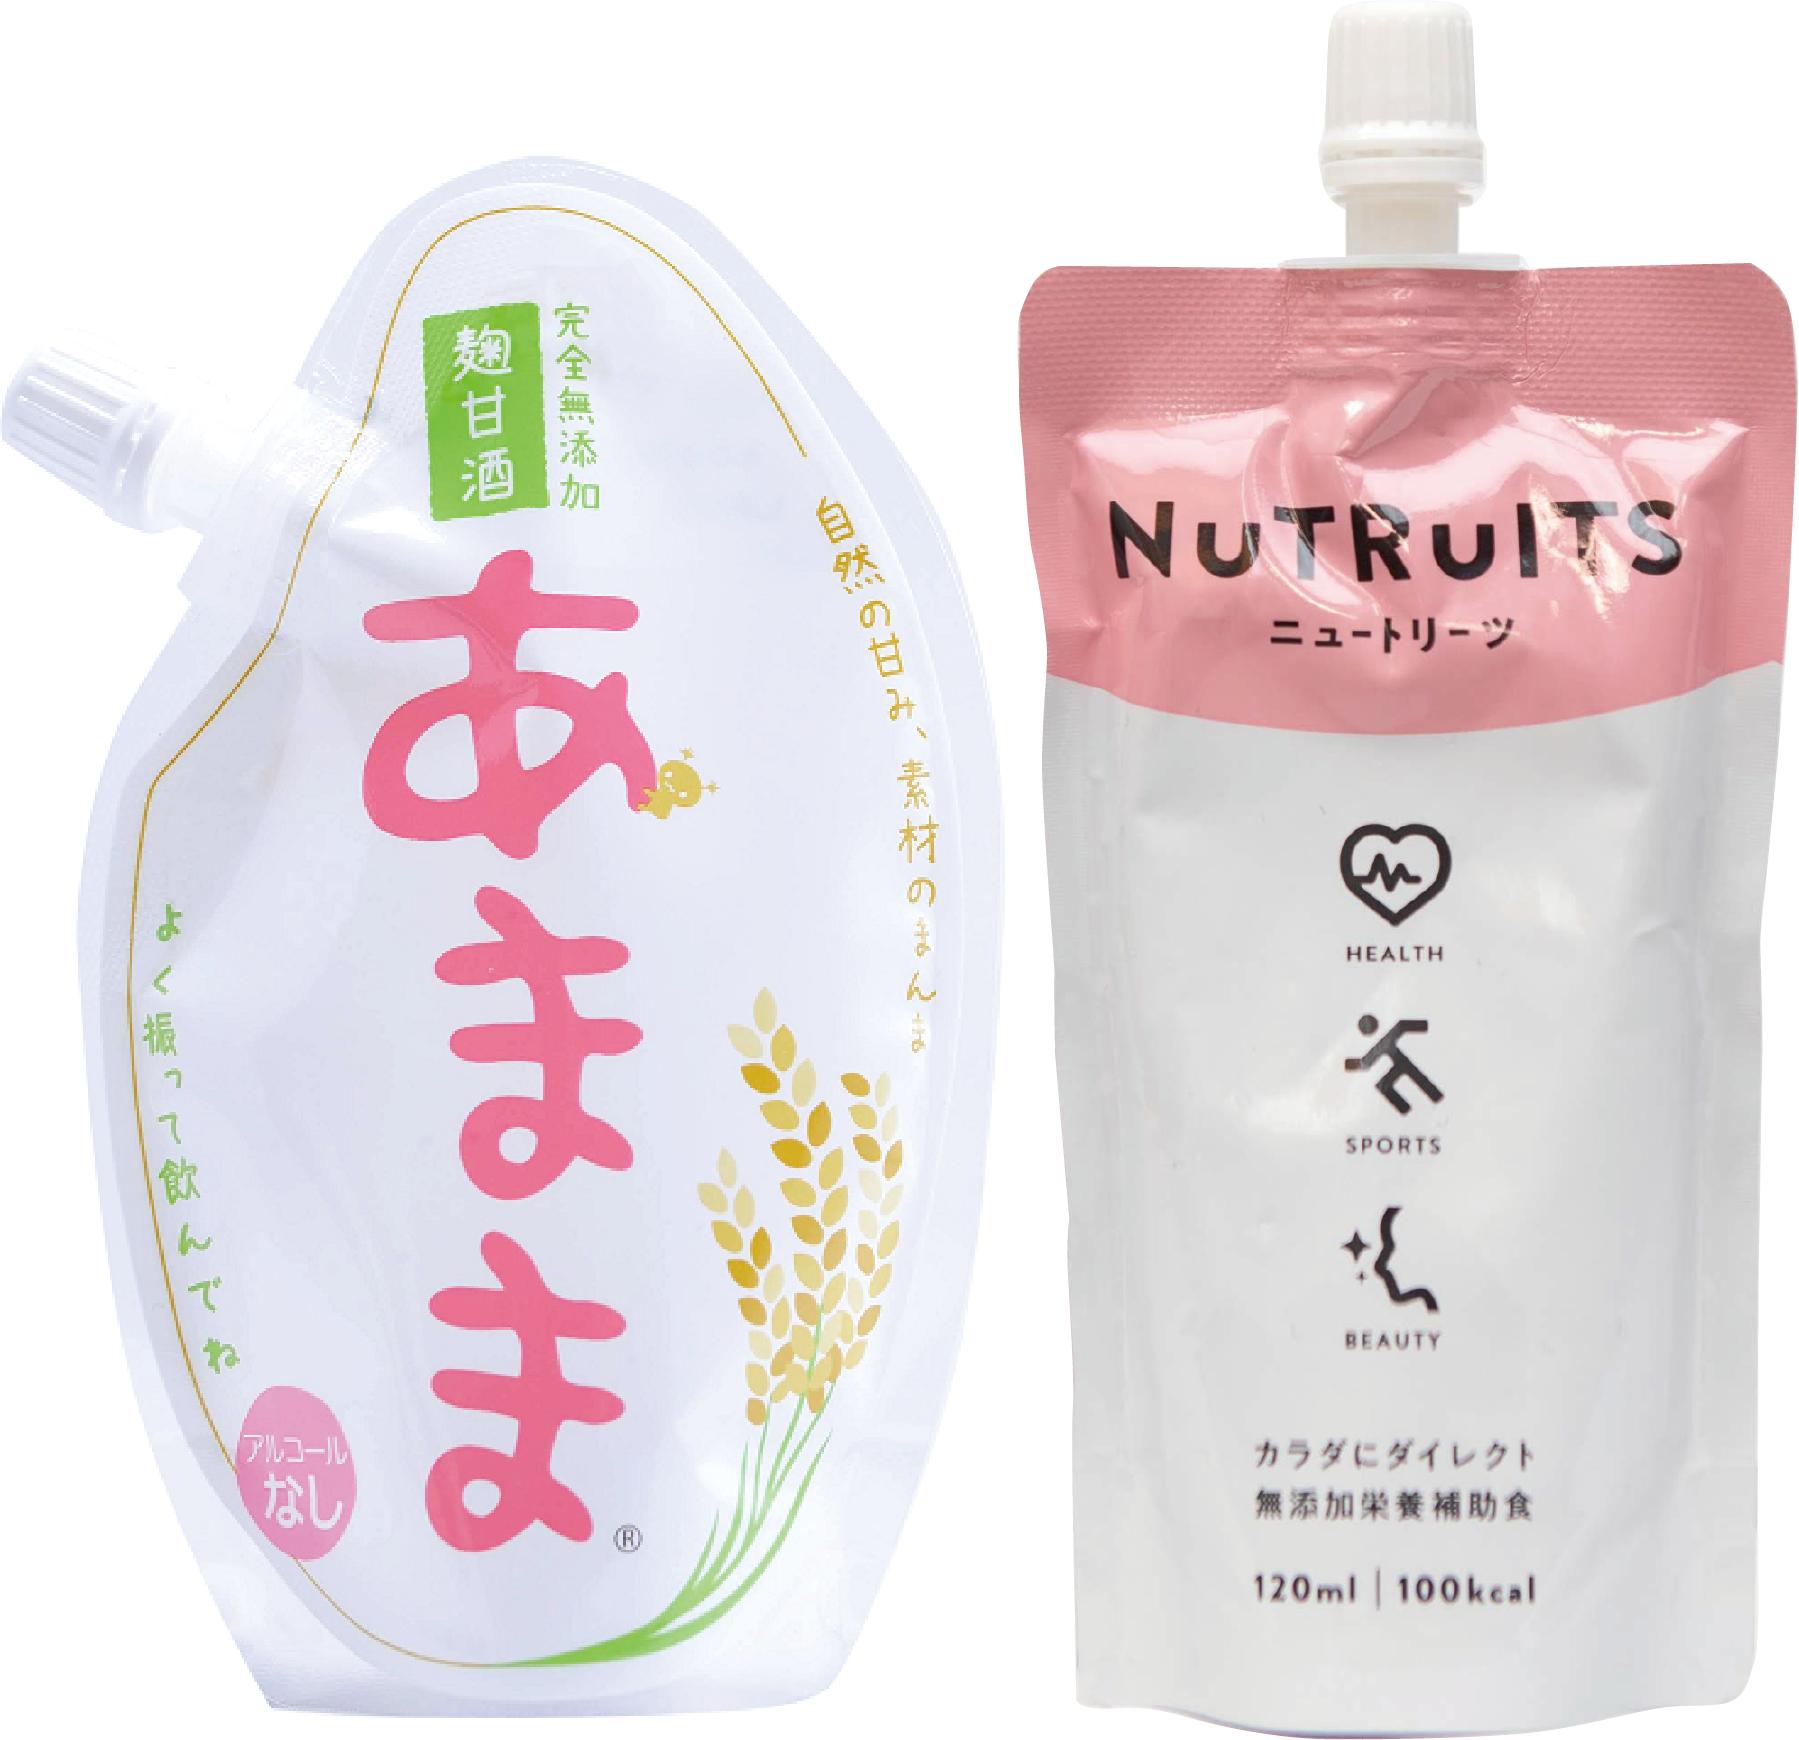 あまま+NUTRUITS(ニュートリーツ)20個セット